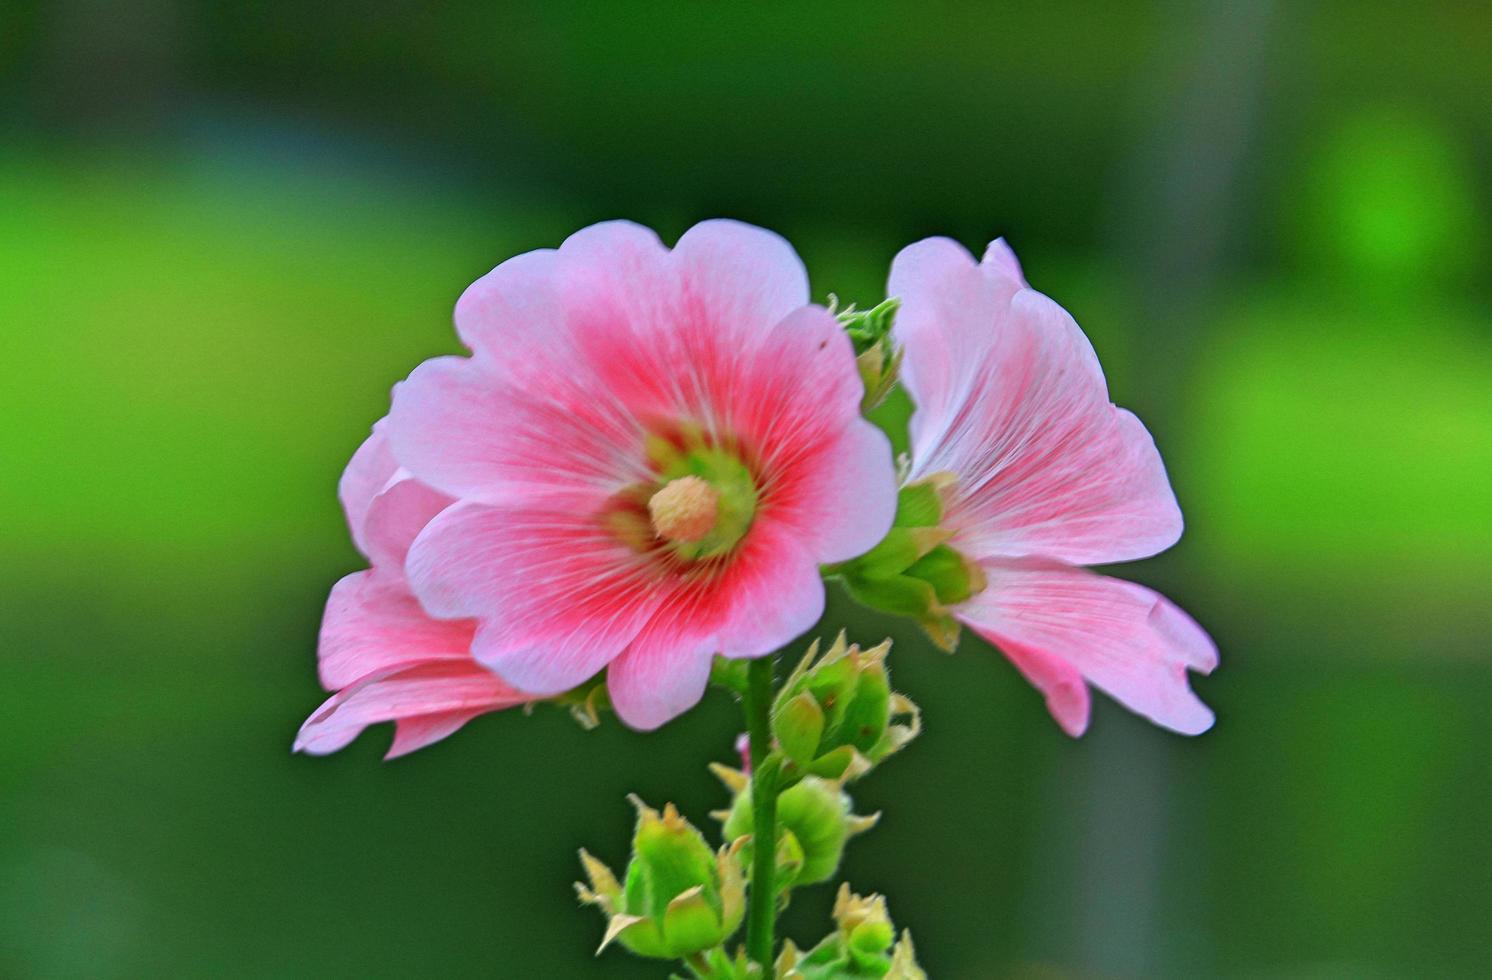 rosa malvablommor som blommar i trädgården foto